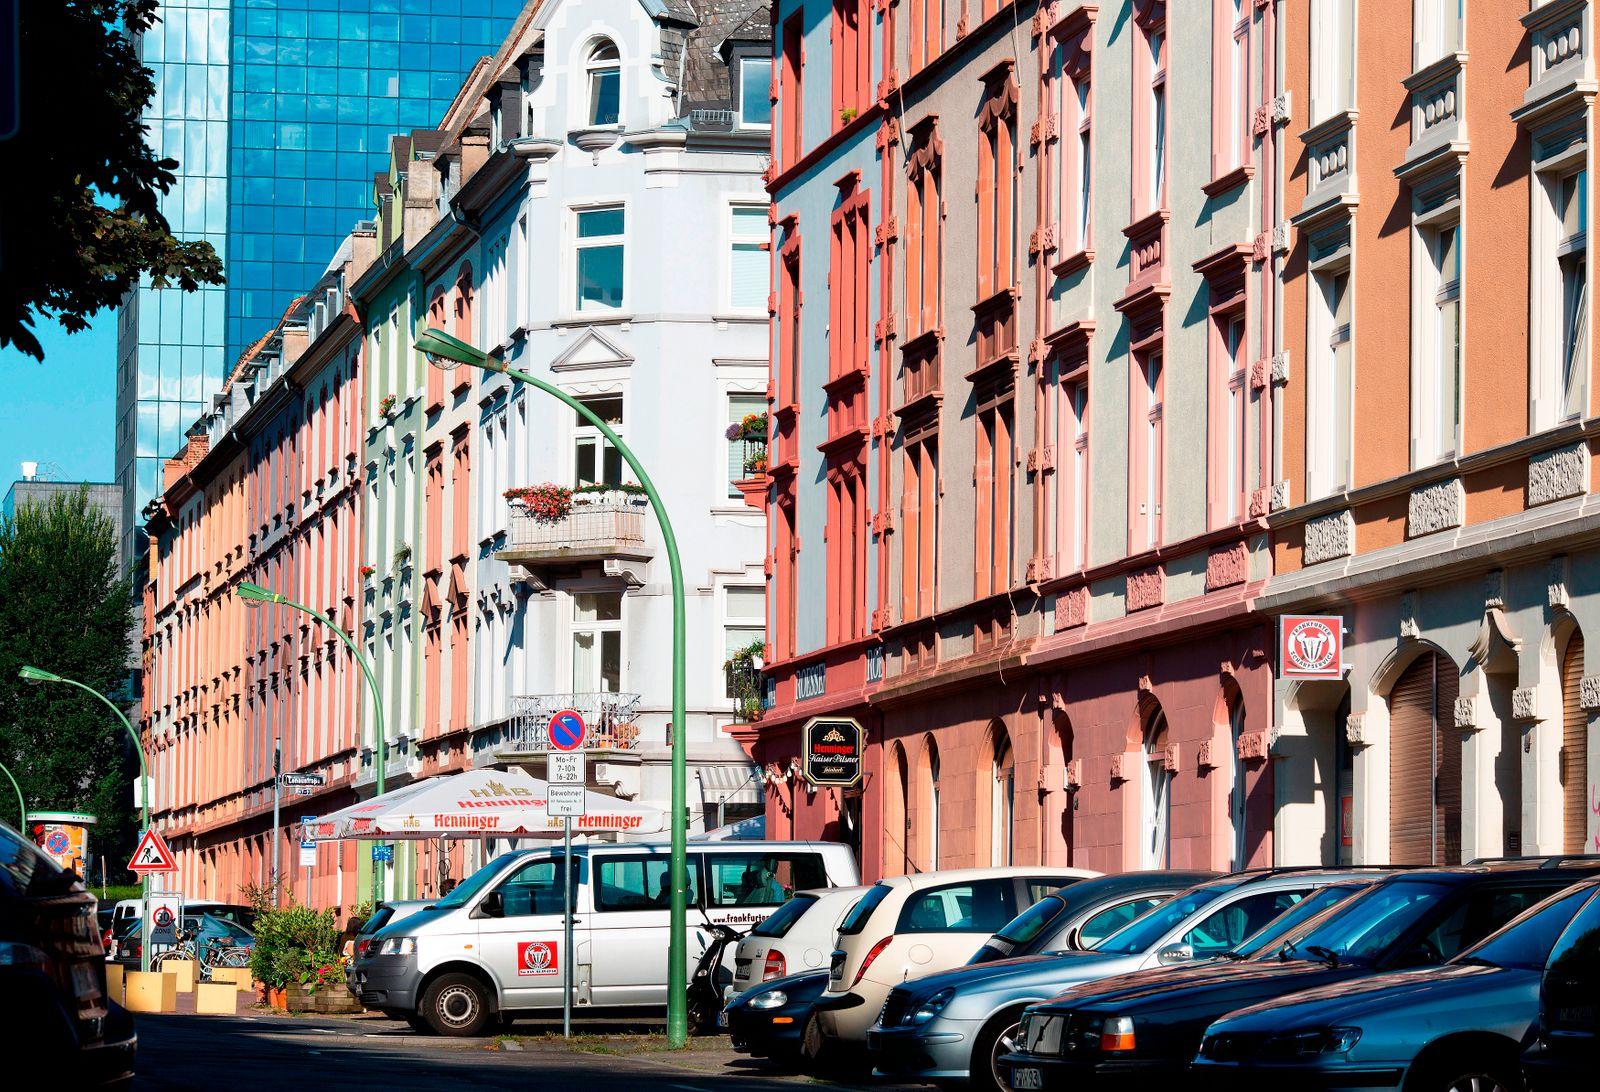 Frankfurt / Miete / Mietwohnungen / Mietwohnungen in Frankfurt / Wohnungen / Wohnungsmarkt